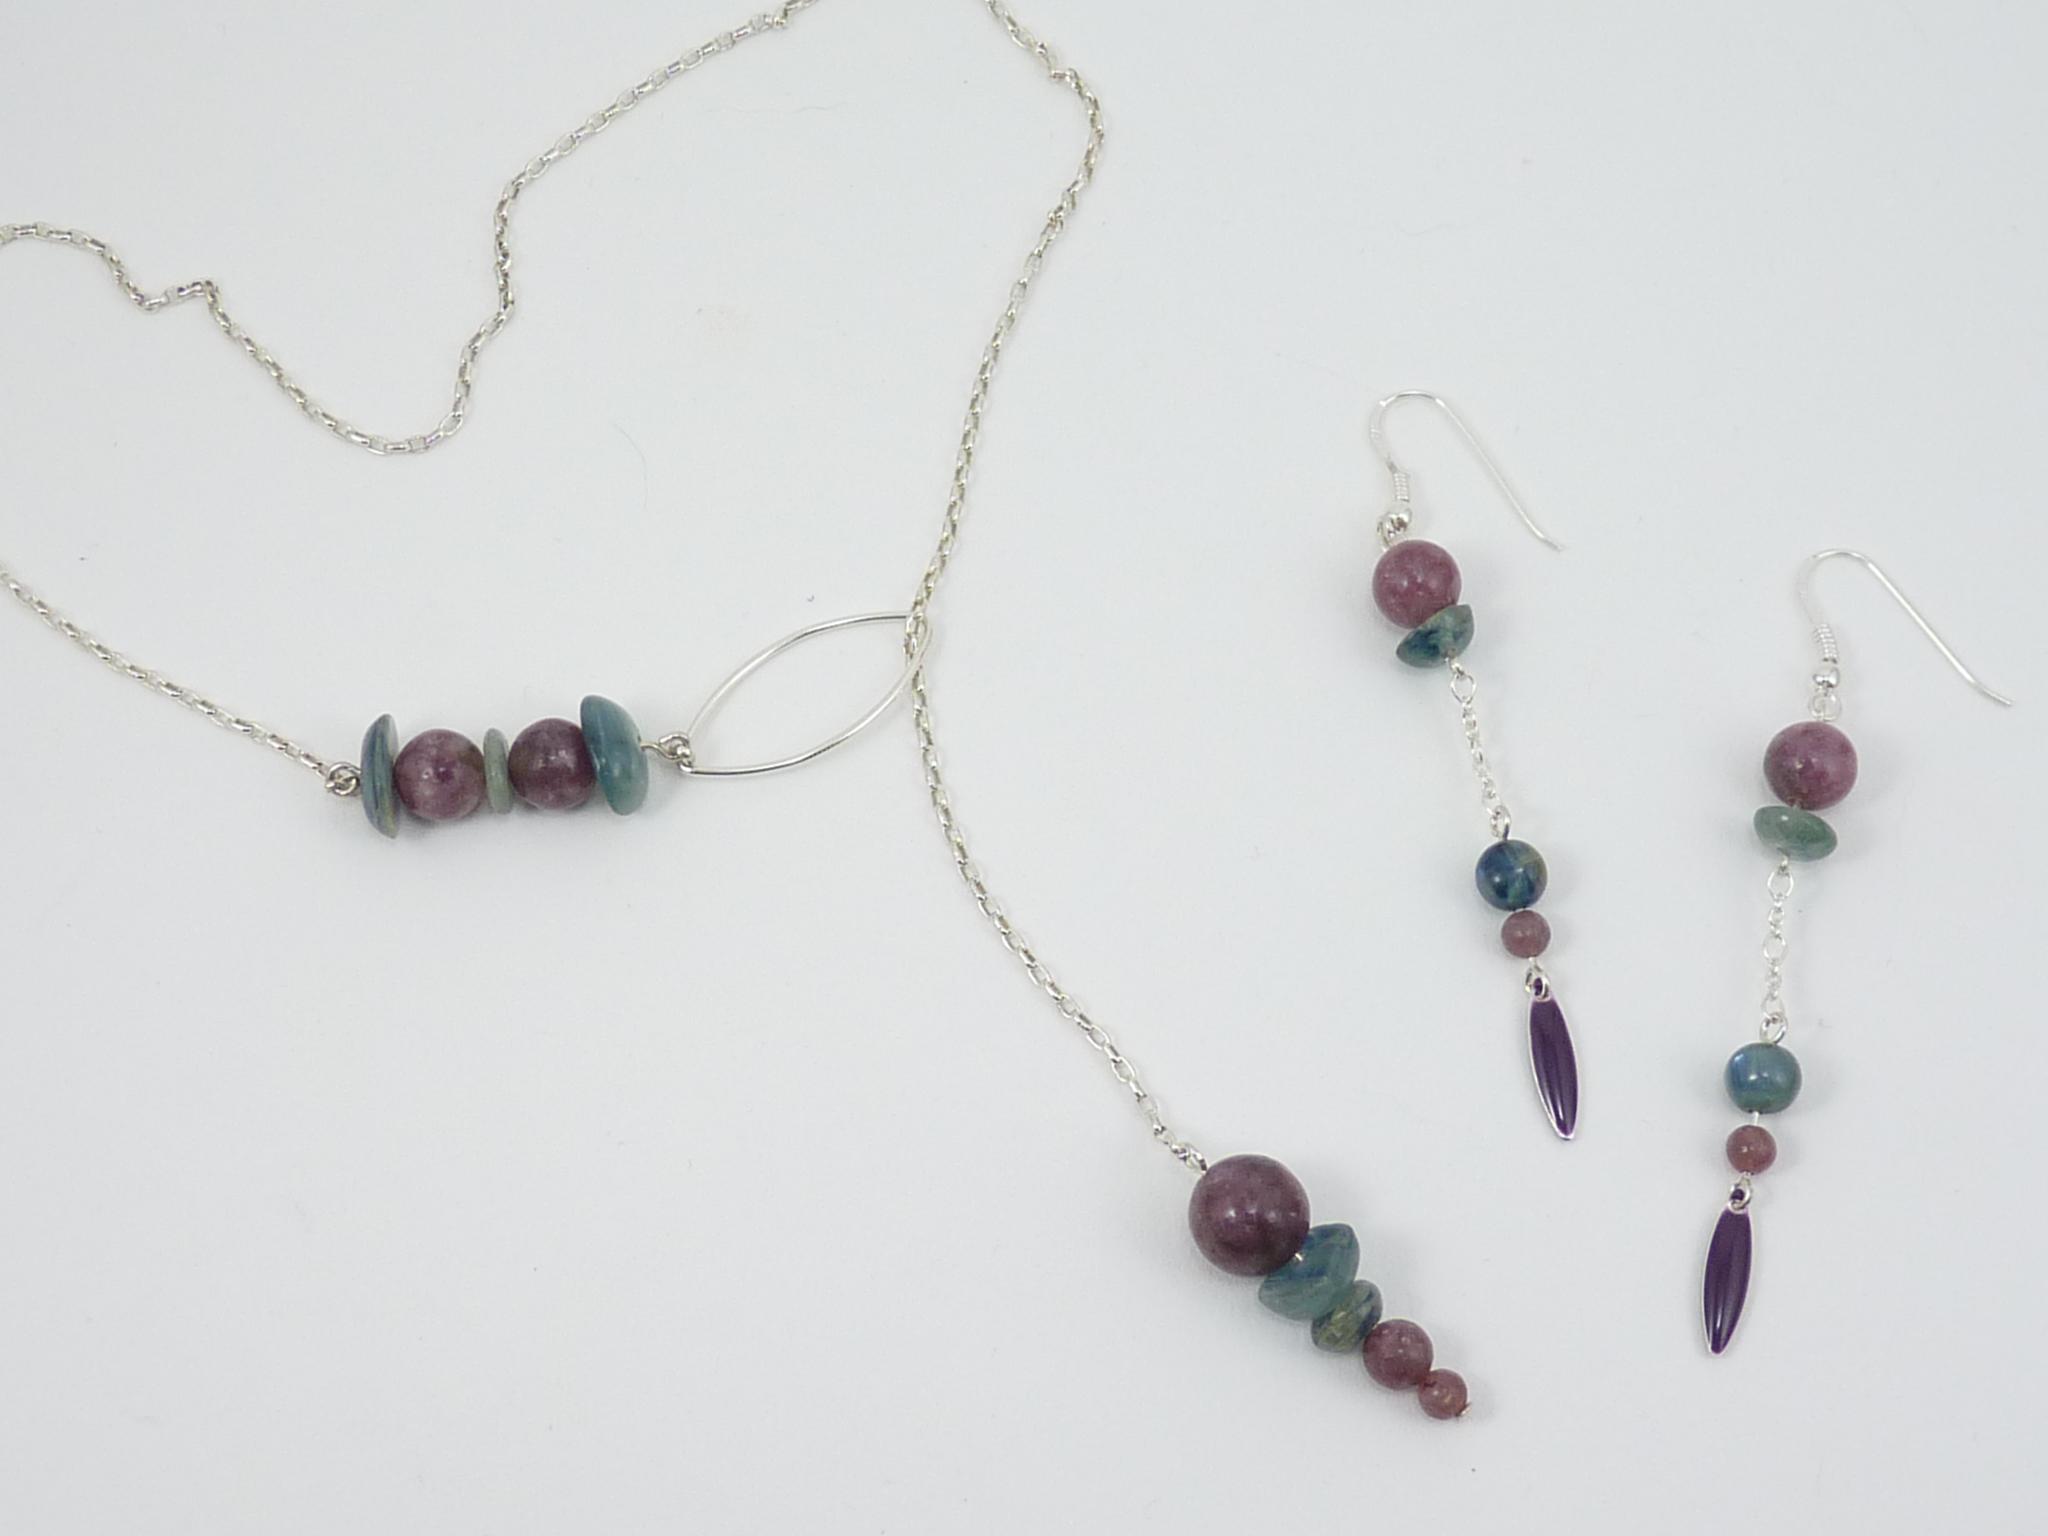 Cyanite & Lépidolite - Collier cravate et boucles